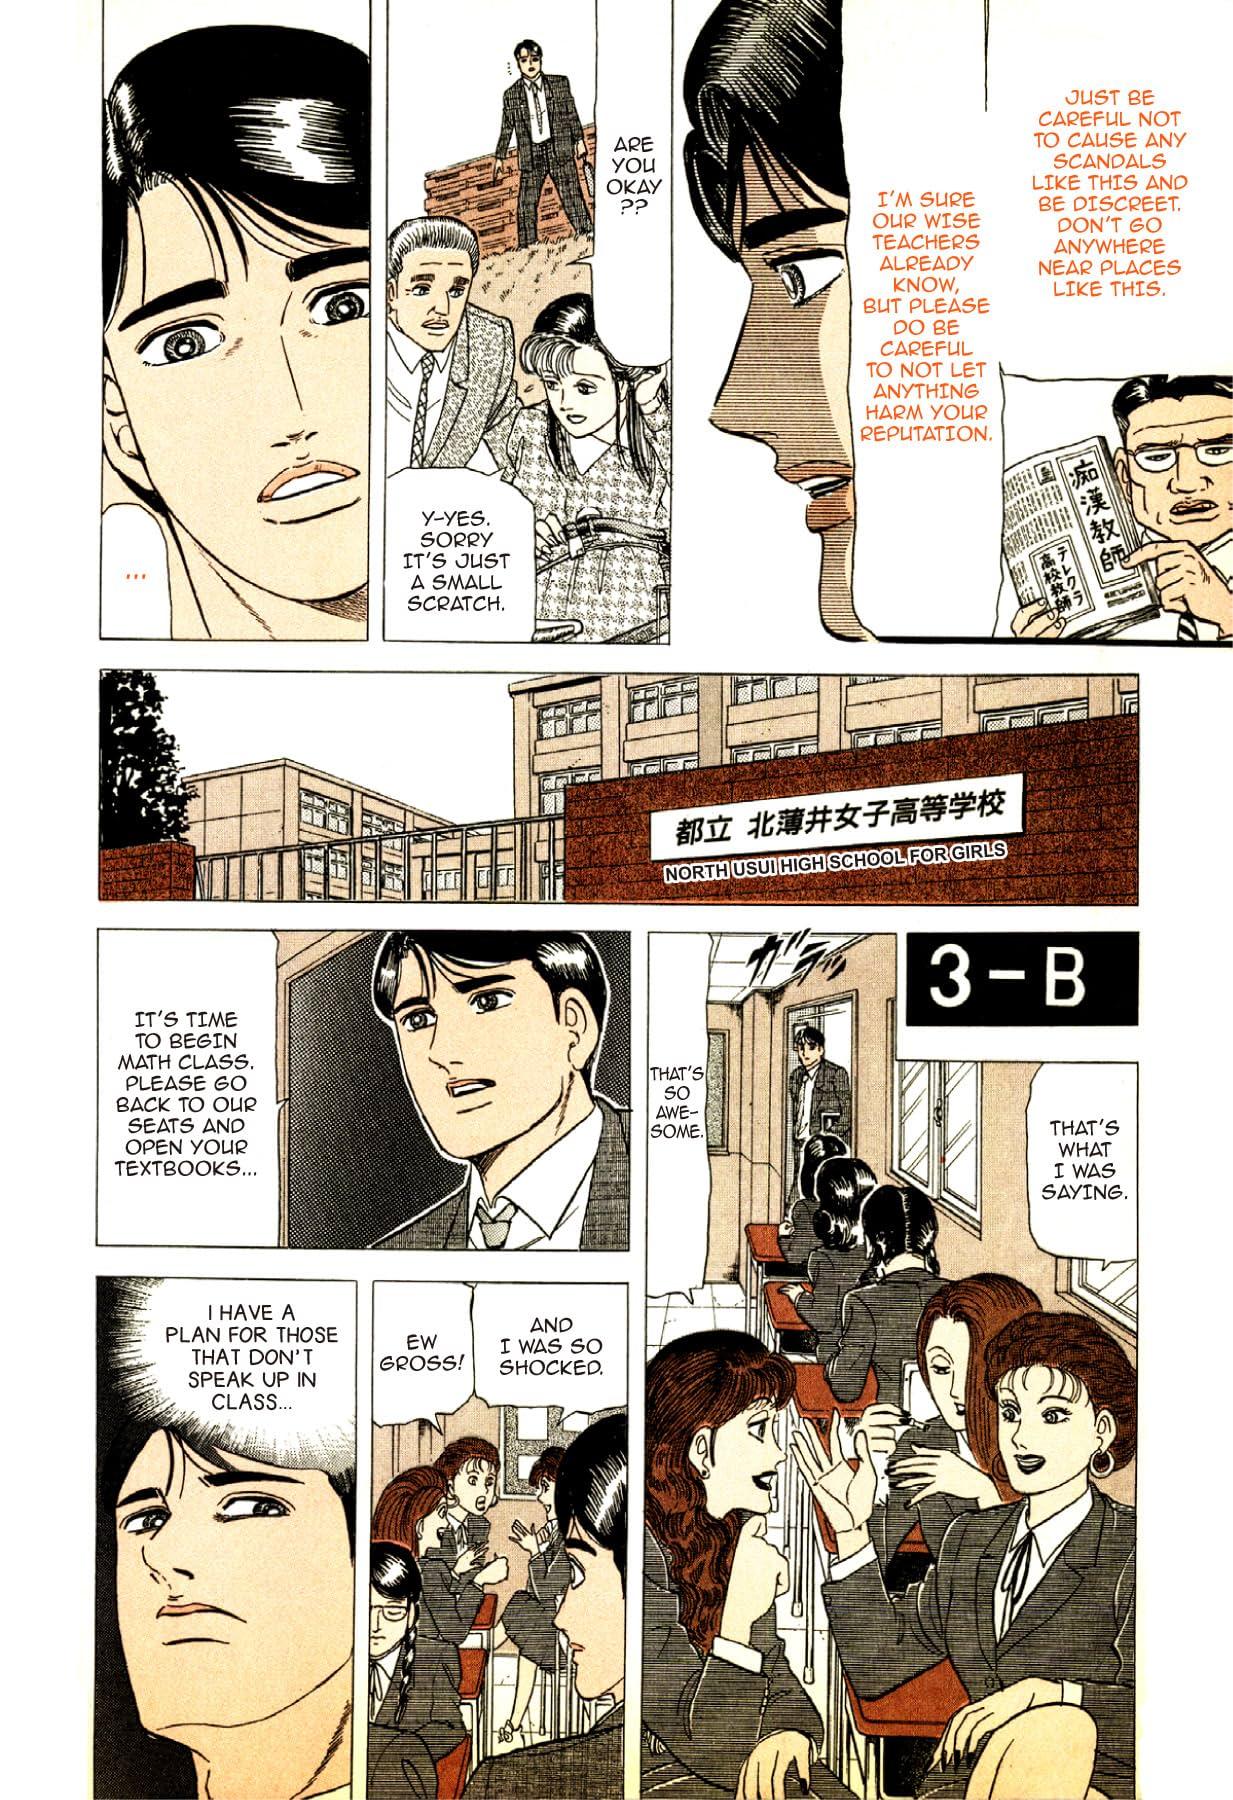 THE SPLENDID DAYS OF QUEEN RURIKO Vol. 3